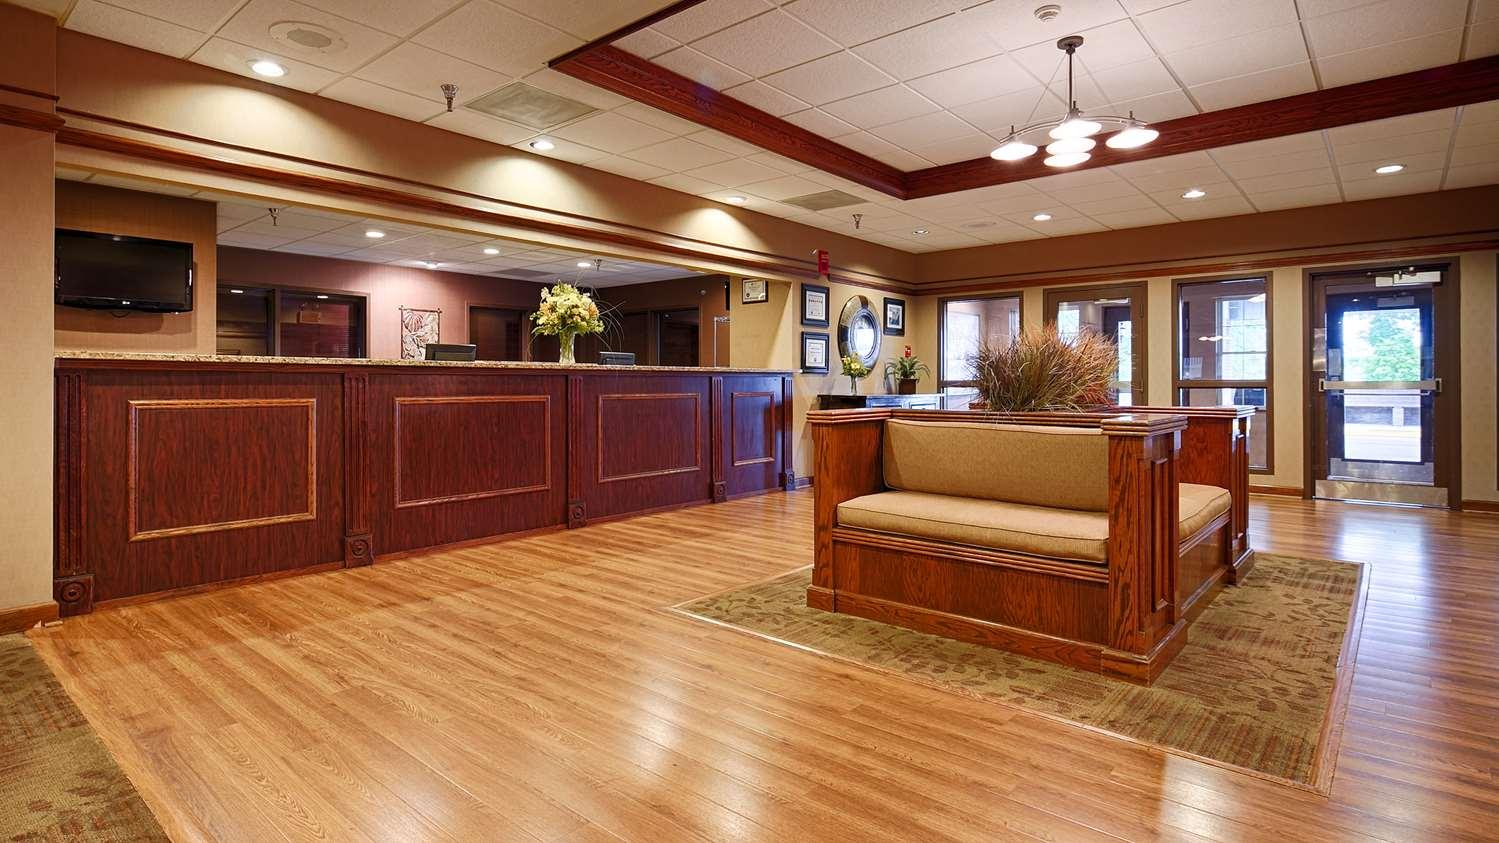 Best Western Plus Steeplegate Inn Davenport Ia See